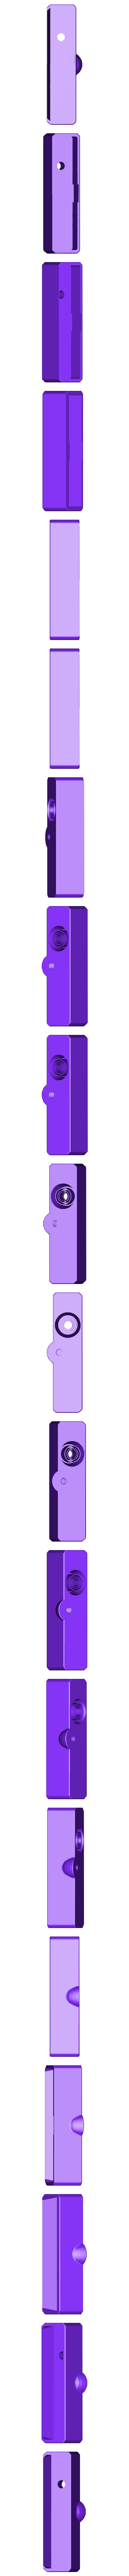 EVO360_tripod_mount.stl Télécharger fichier STL gratuit Insta360 EVO pour trépied • Objet pour impression 3D, alexnz